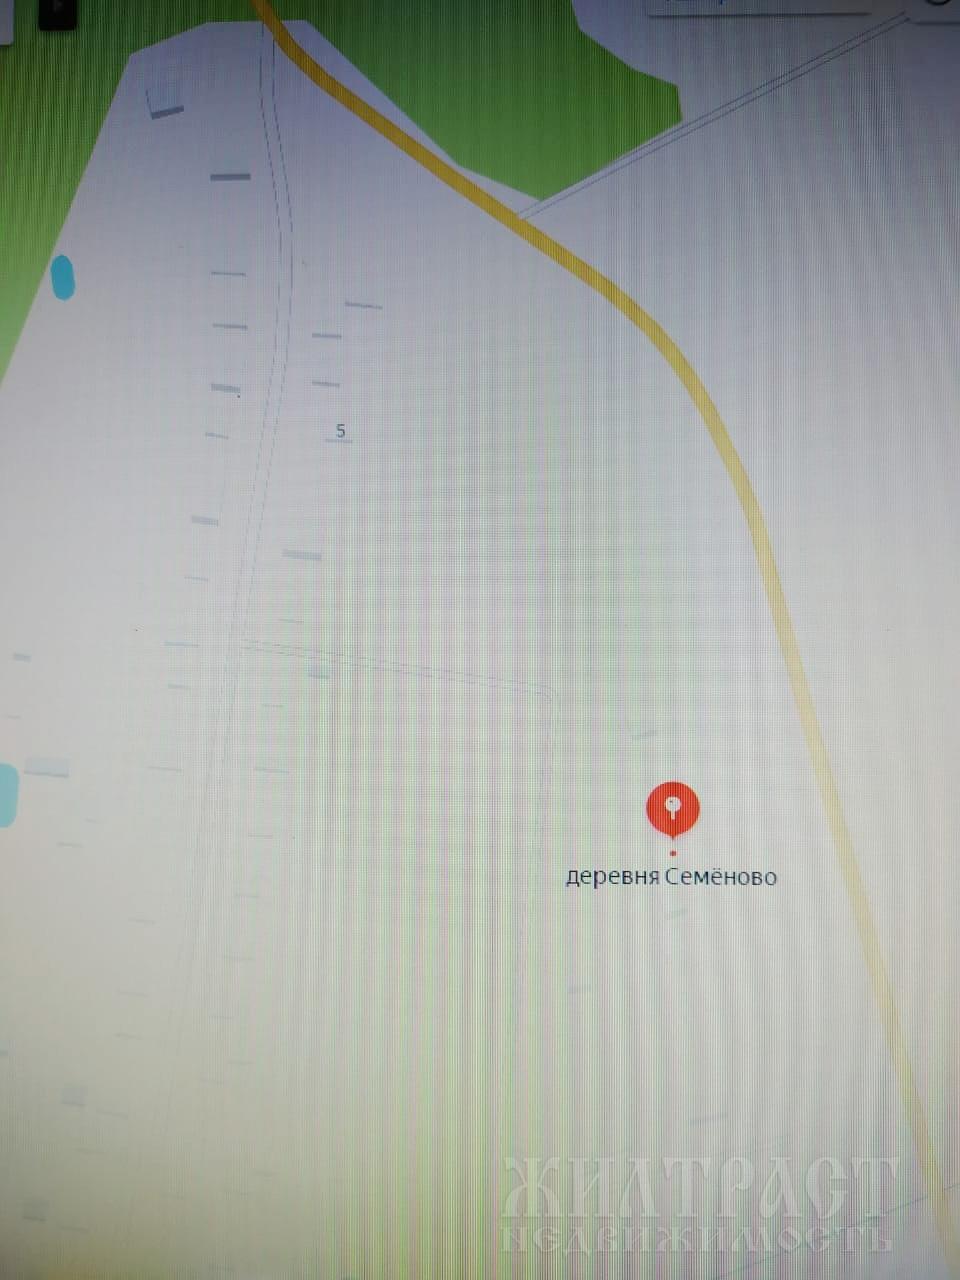 Московская область, городской округ Павловский Посад, Павловский Посад 3